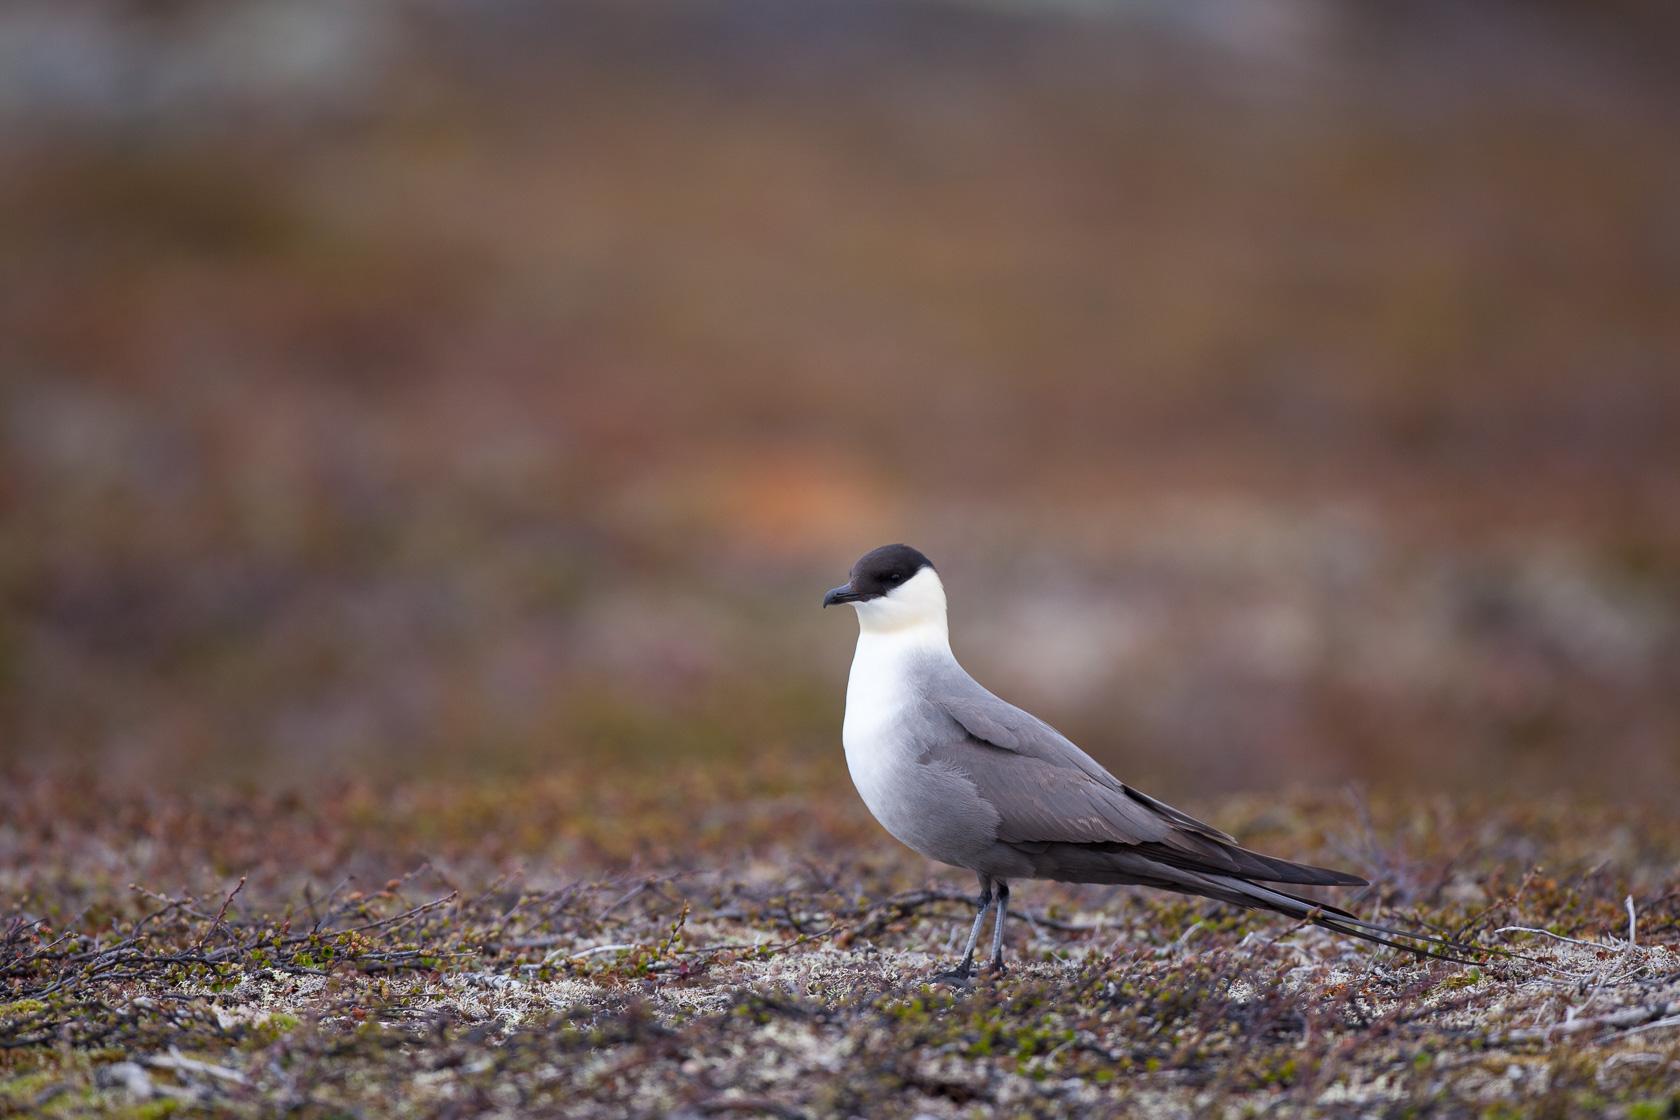 Labbe à longue queue (Stercorarius longicaudus) sur la toundra du parc national de varanger, en Norvège